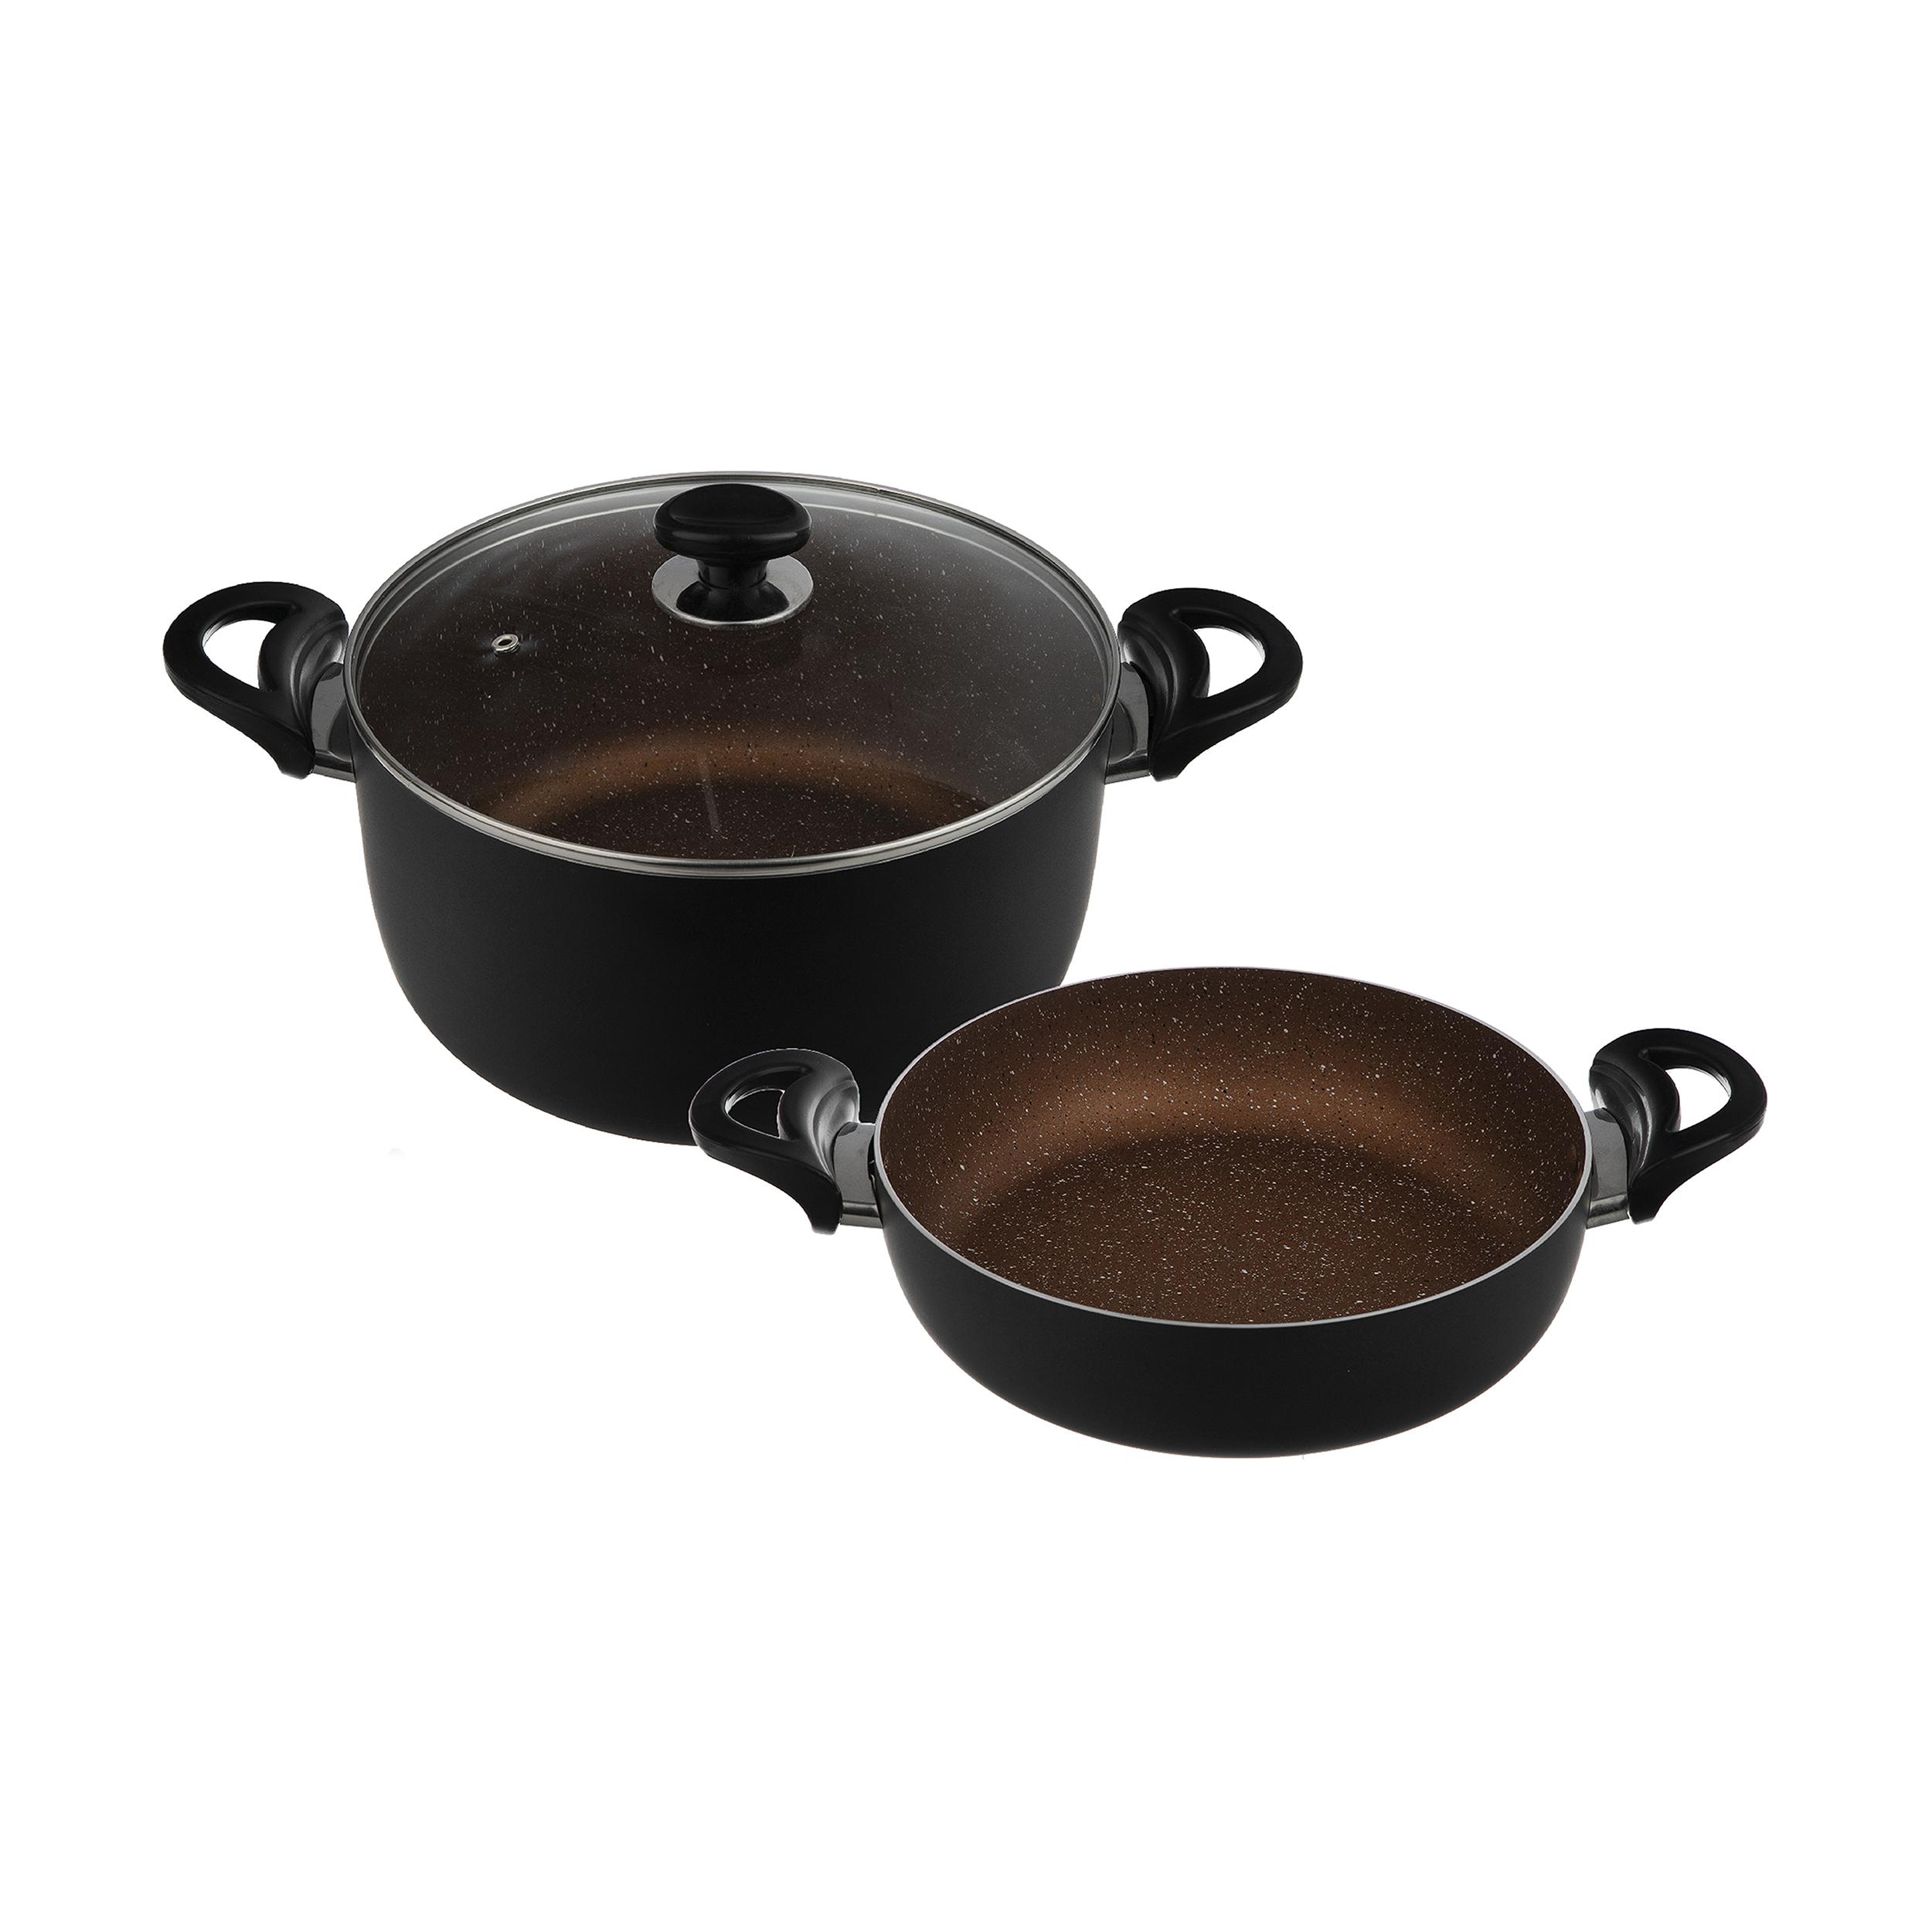 سرویس پخت و پز 3 پارچه عروس مدل کد 004